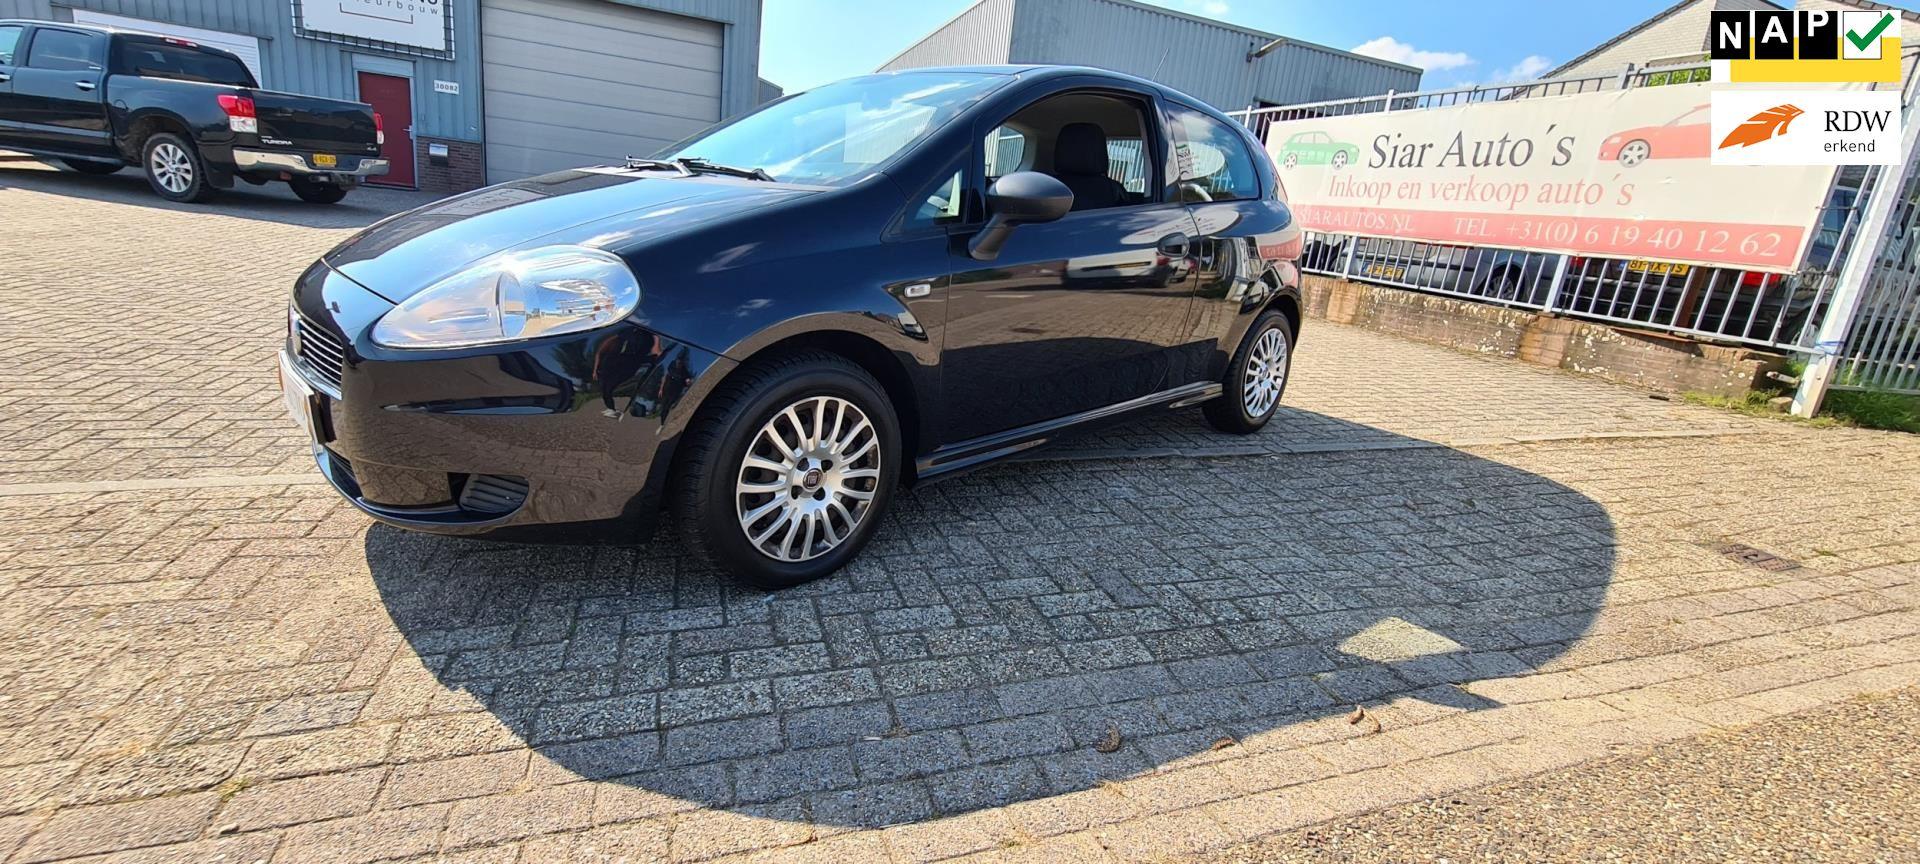 Fiat Grande Punto occasion - Siar Auto's